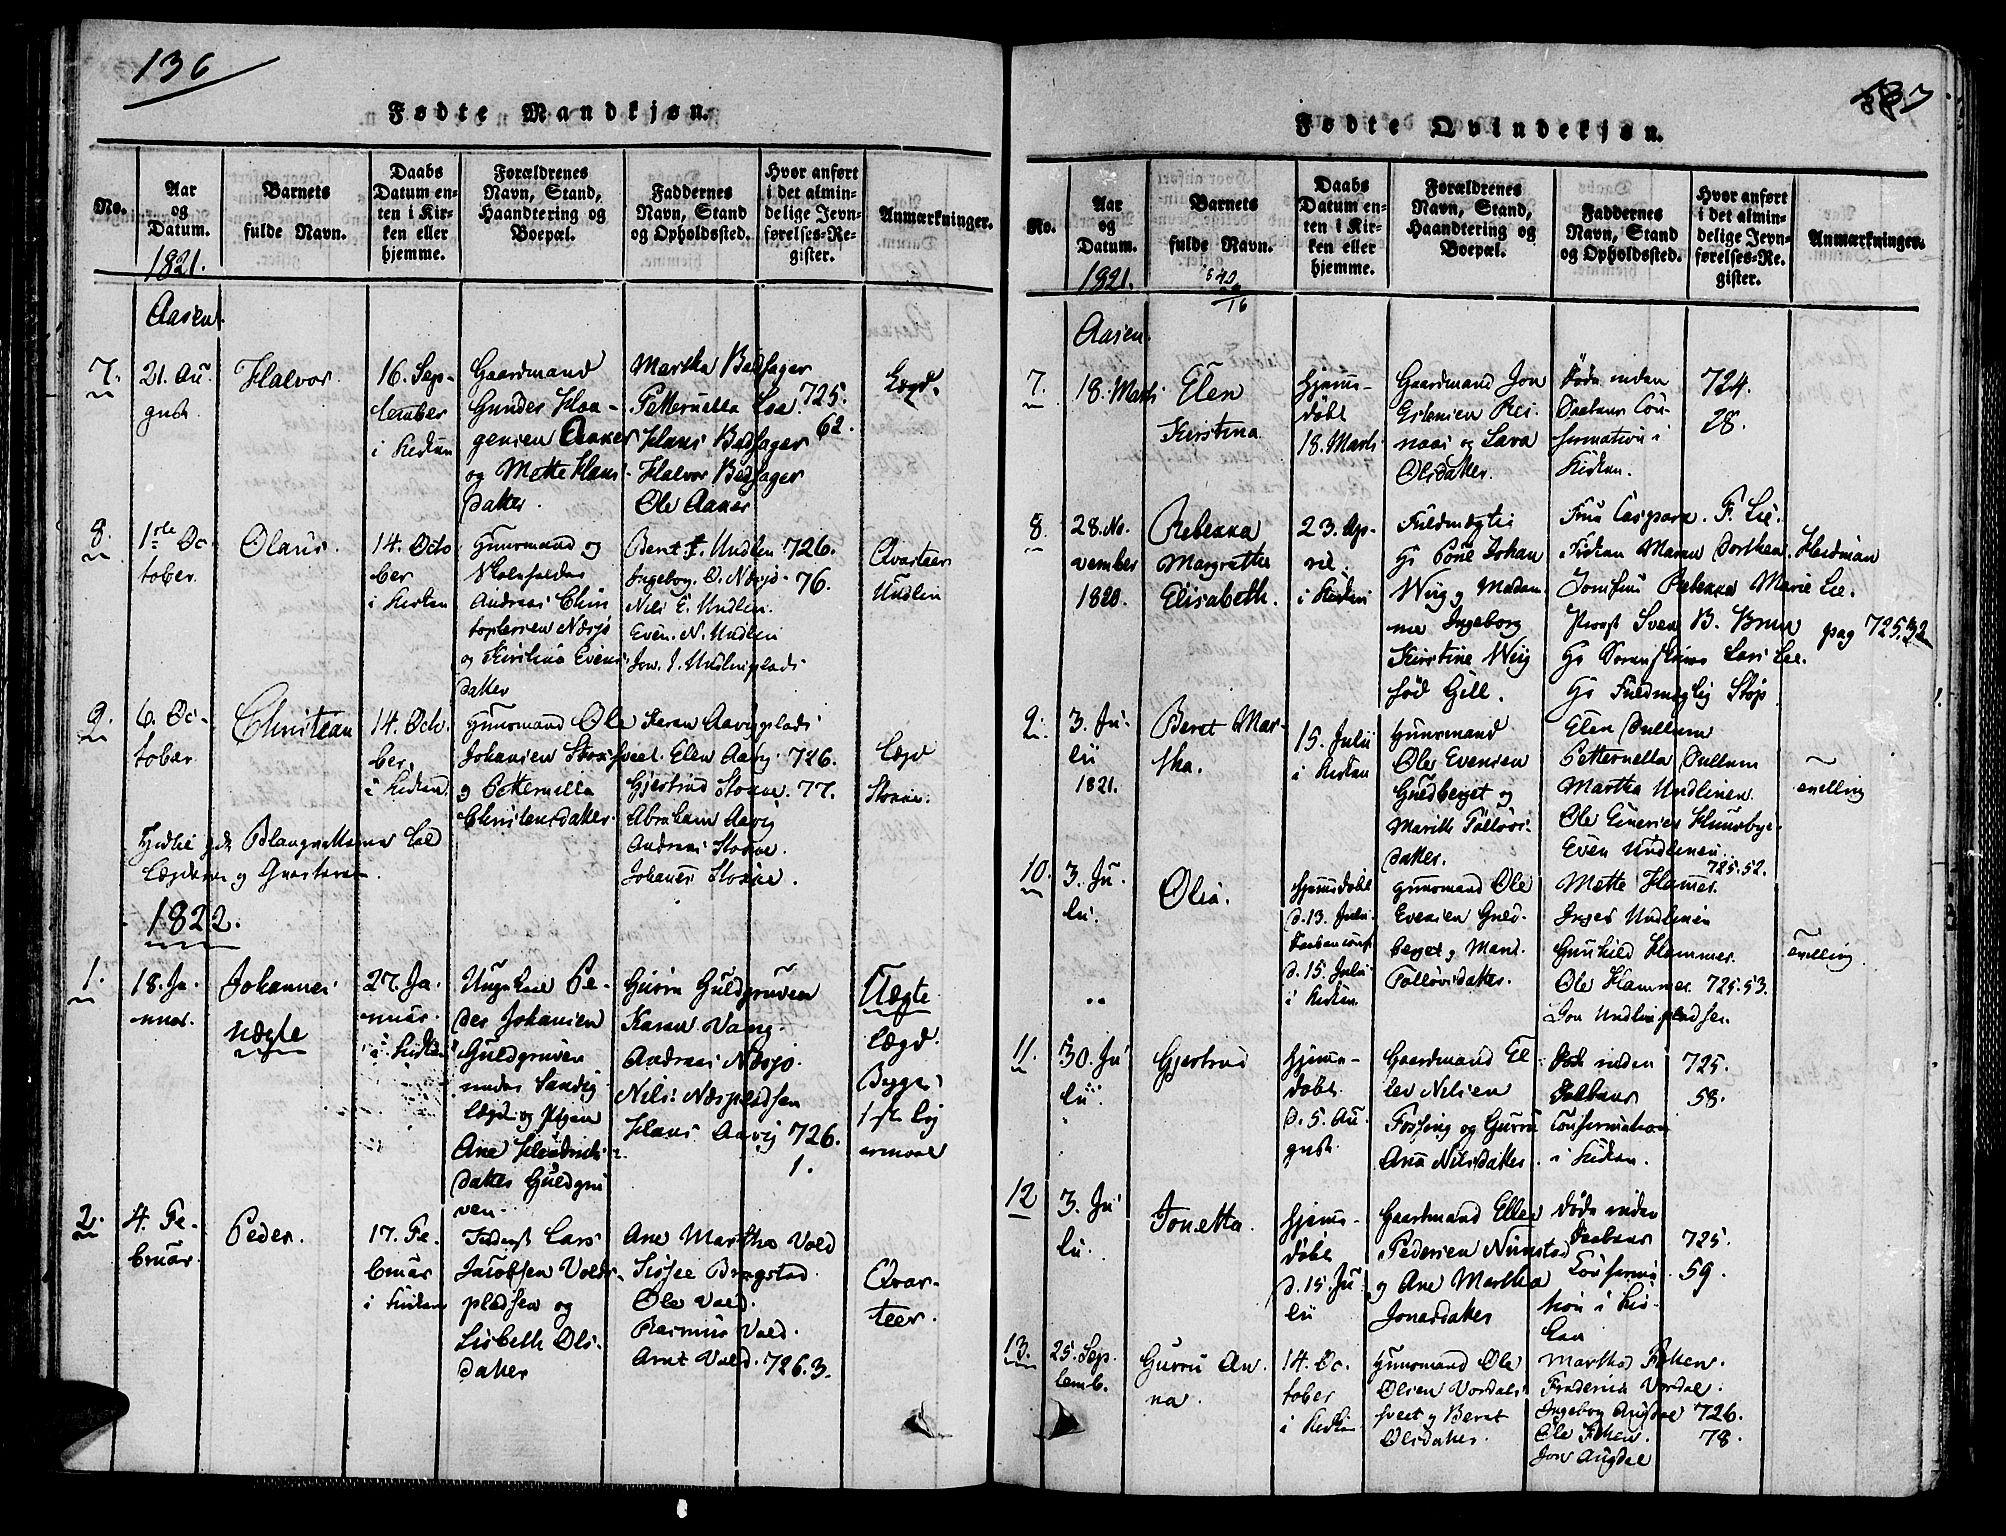 SAT, Ministerialprotokoller, klokkerbøker og fødselsregistre - Nord-Trøndelag, 713/L0112: Ministerialbok nr. 713A04 /2, 1817-1827, s. 136-137